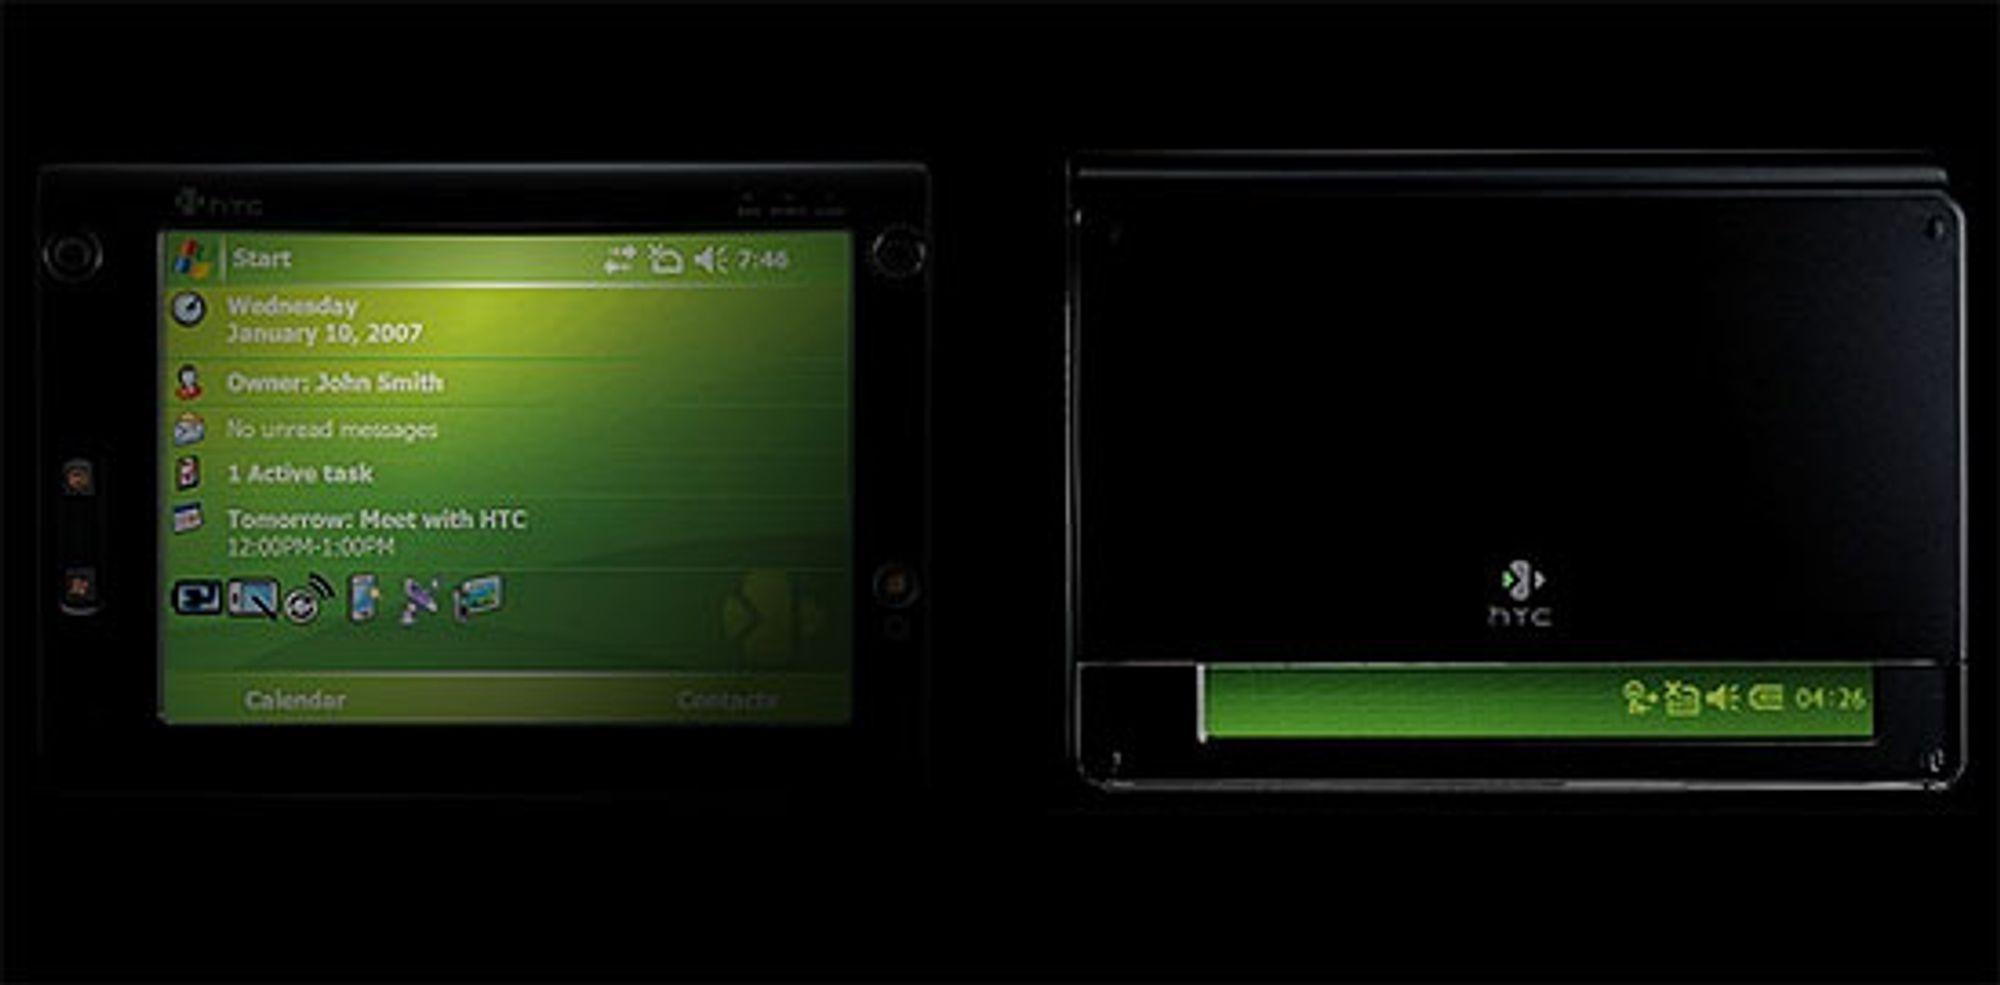 HTC leier skuespillere til å stjele den nye mobilen X7500.